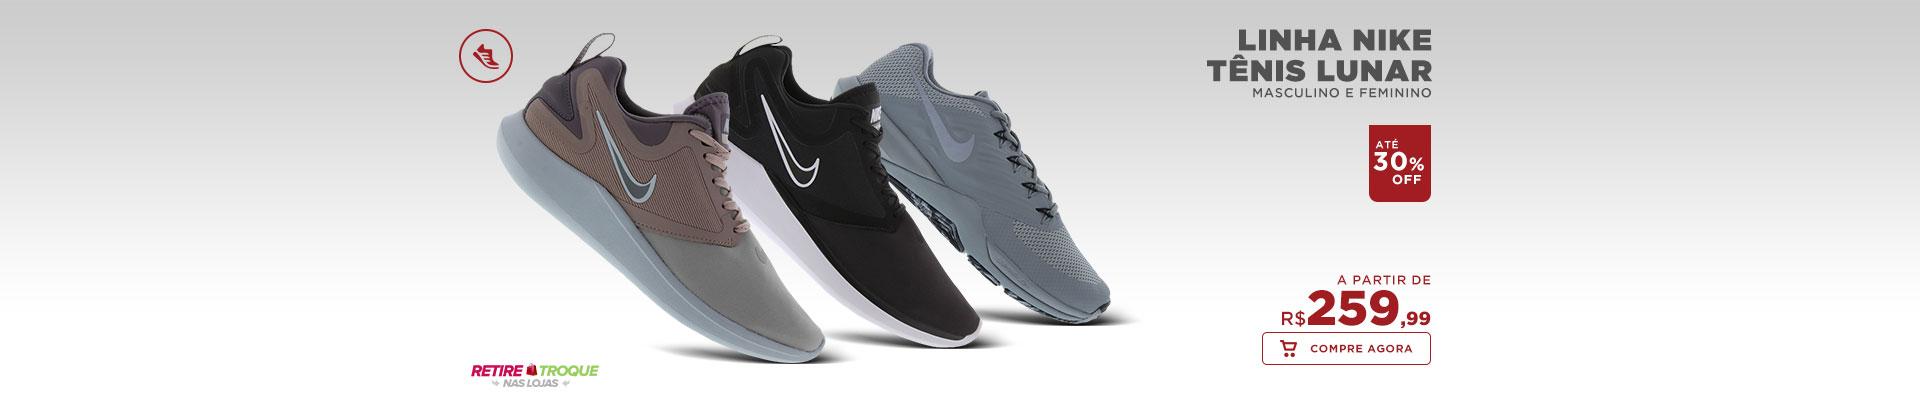 Linha Nike Tênis Lunar